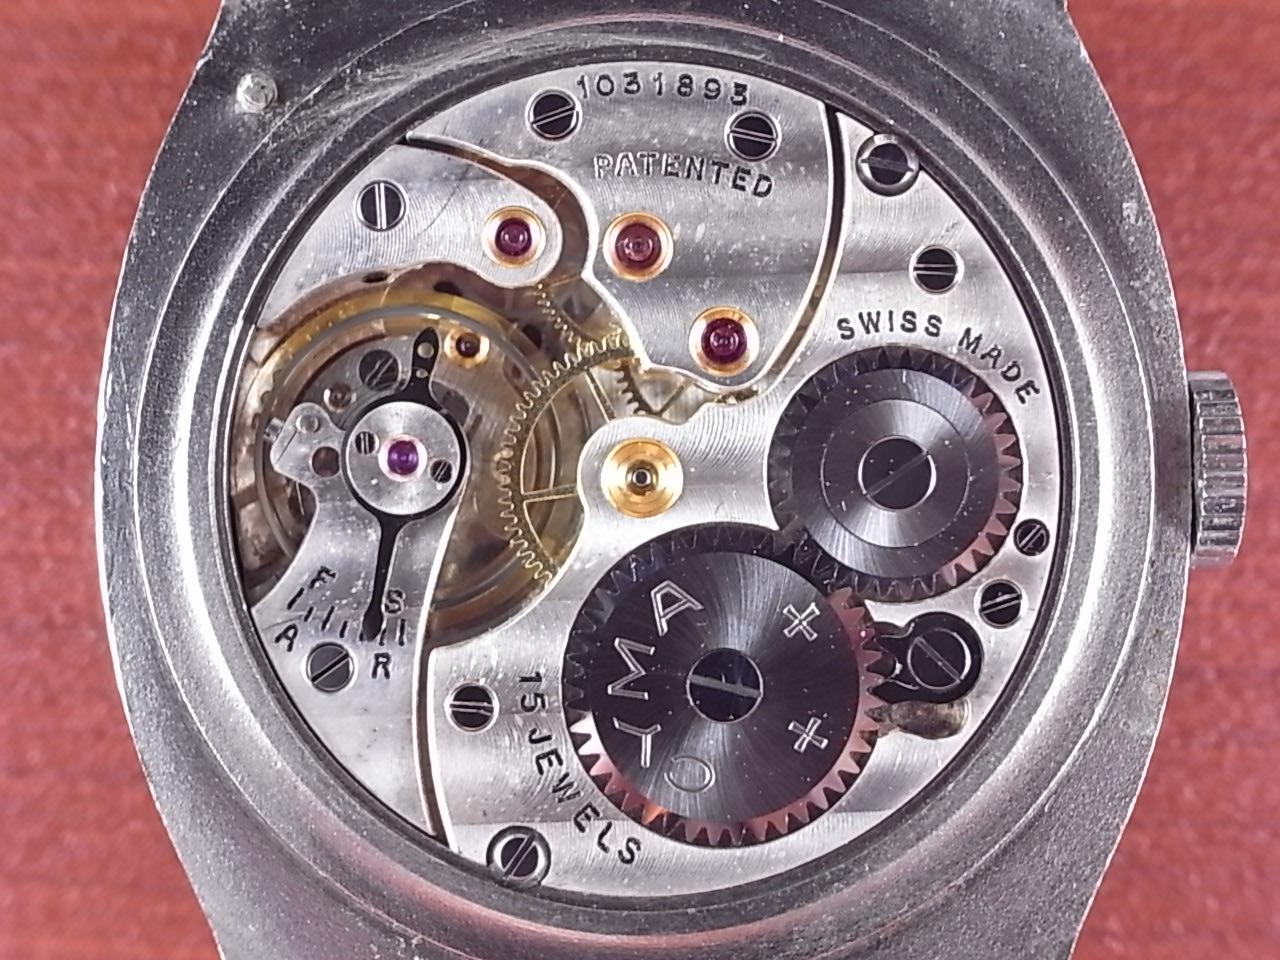 フーバー byシーマ ブレゲセクターダイアル クッションケース 1930年代の写真5枚目